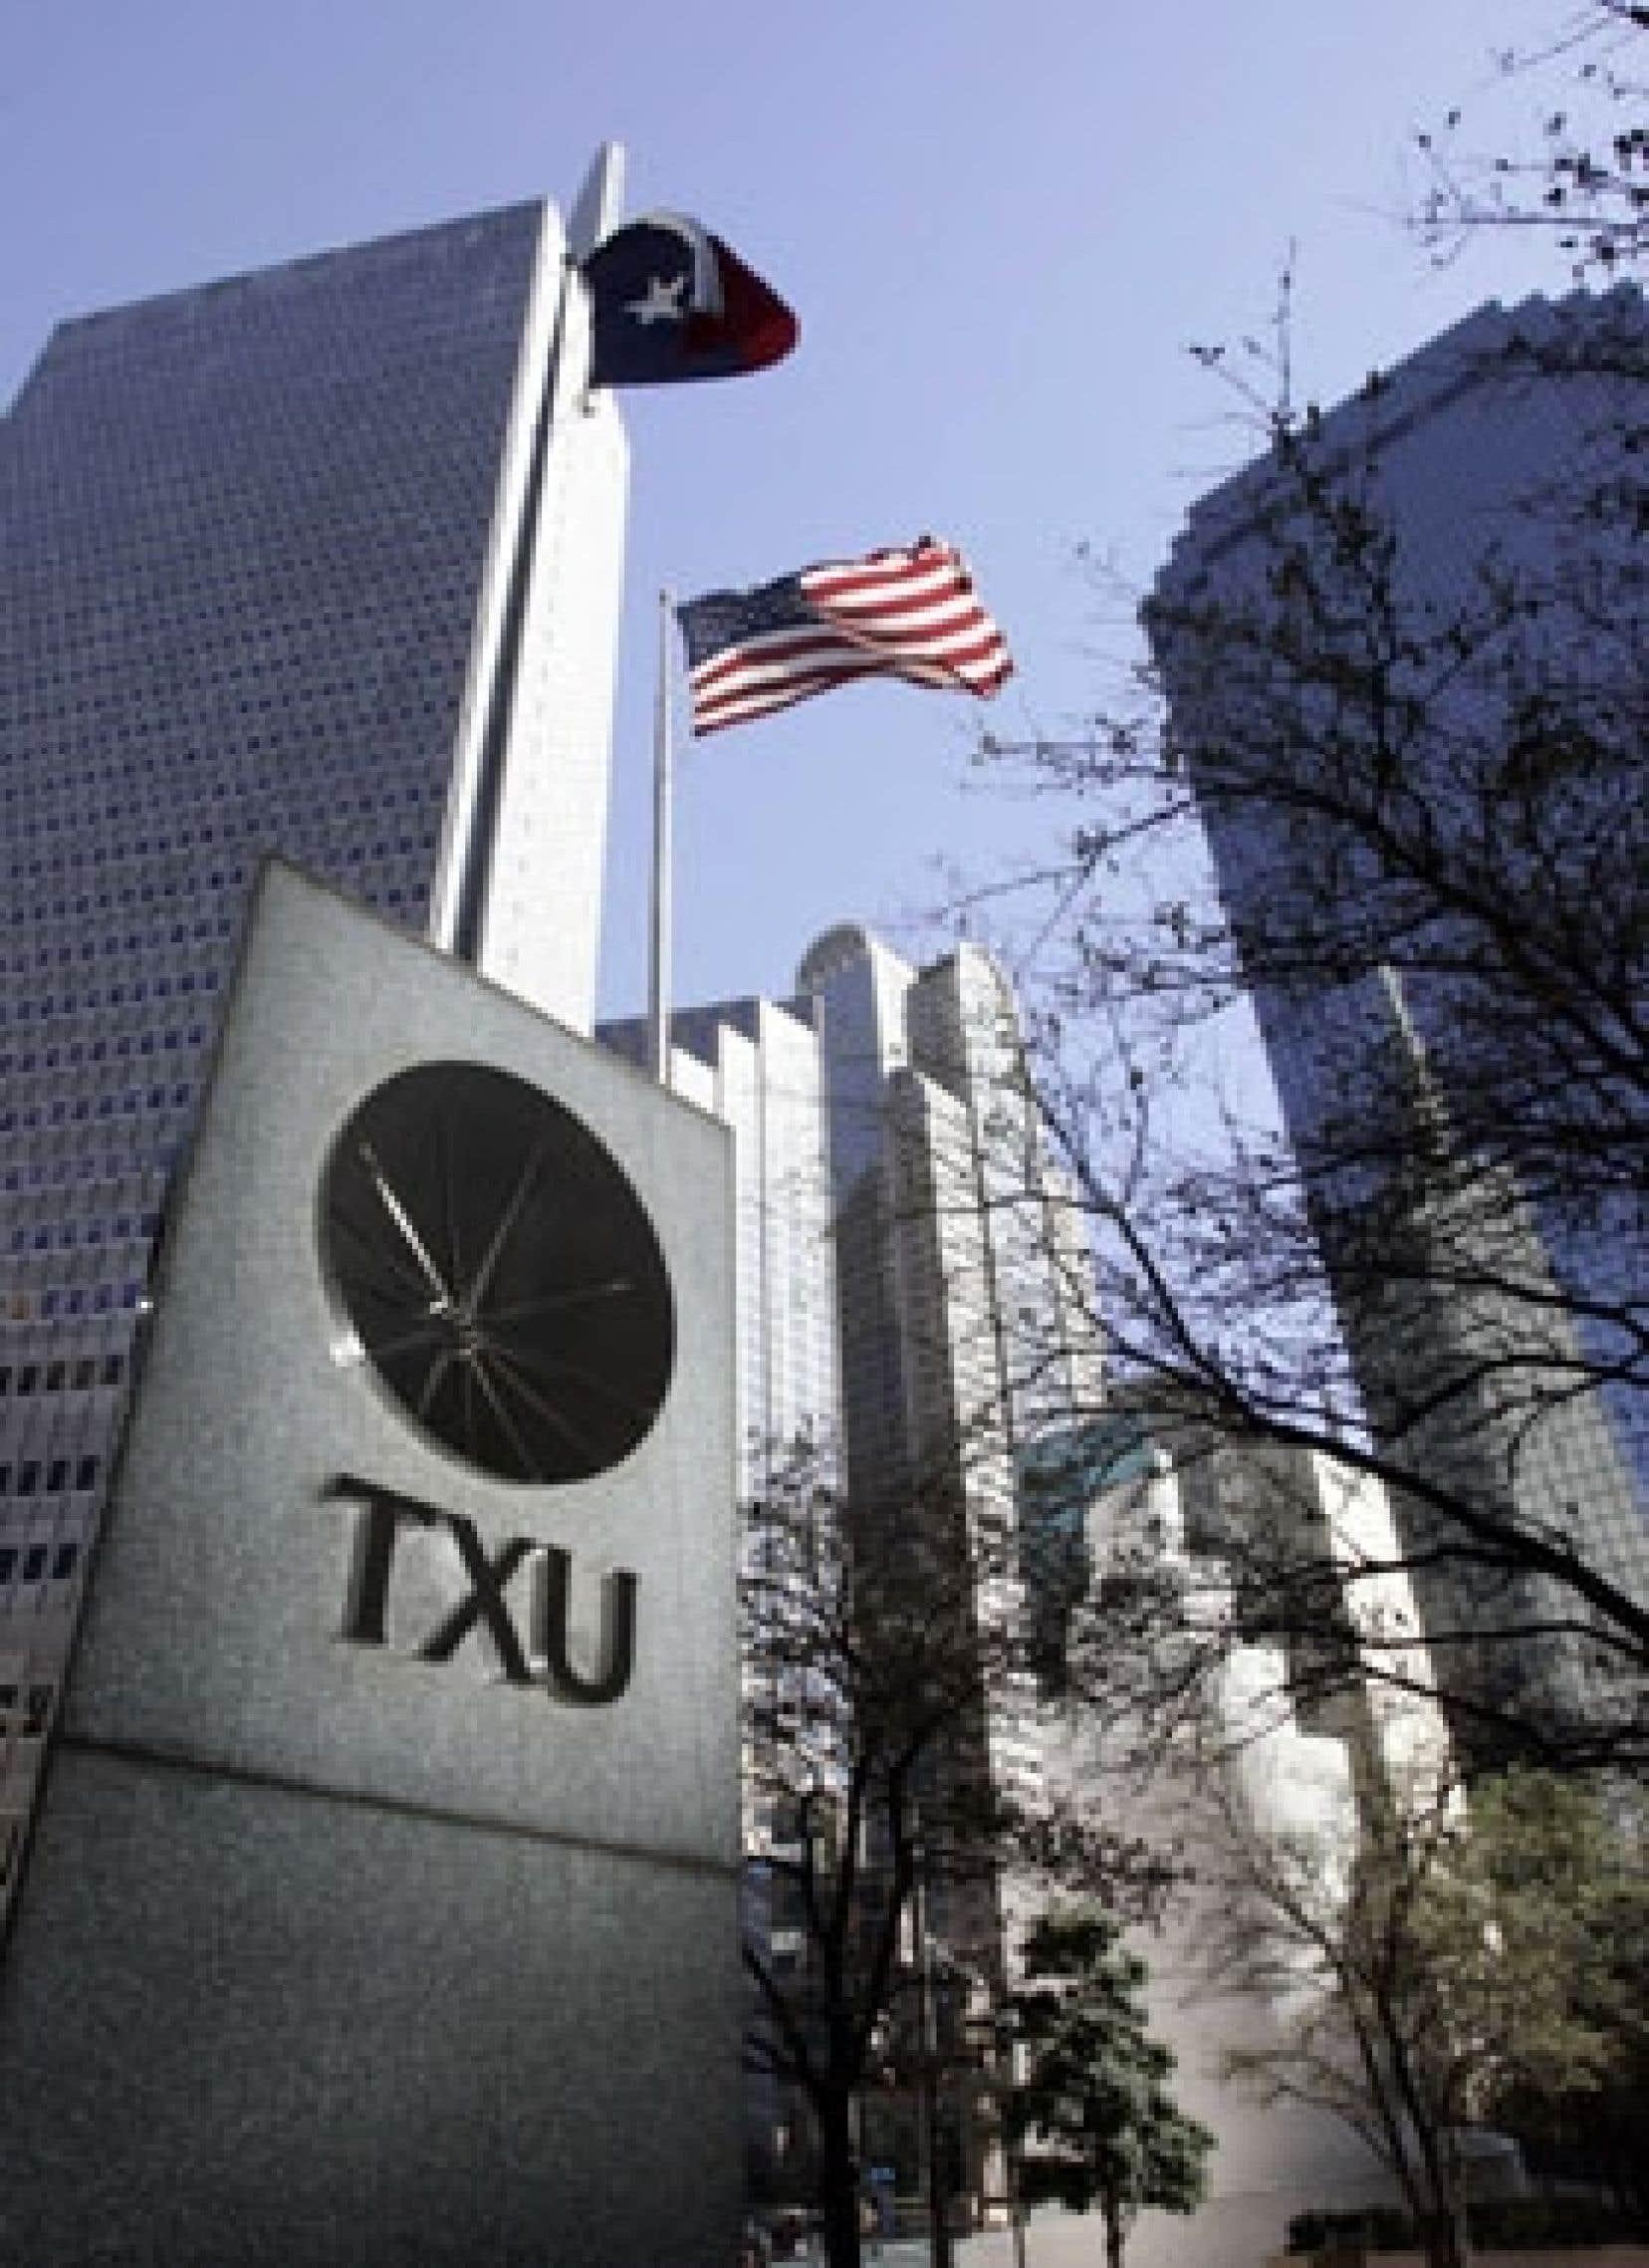 Mené par Kohlberg Kravis Roberts et Texas Pacific Group, deux fonds d'investissements phares aux États-Unis, le consortium intéressé à TXU comprend aussi la banque d'affaires Goldman Sachs et plusieurs autres institutions bancaires.